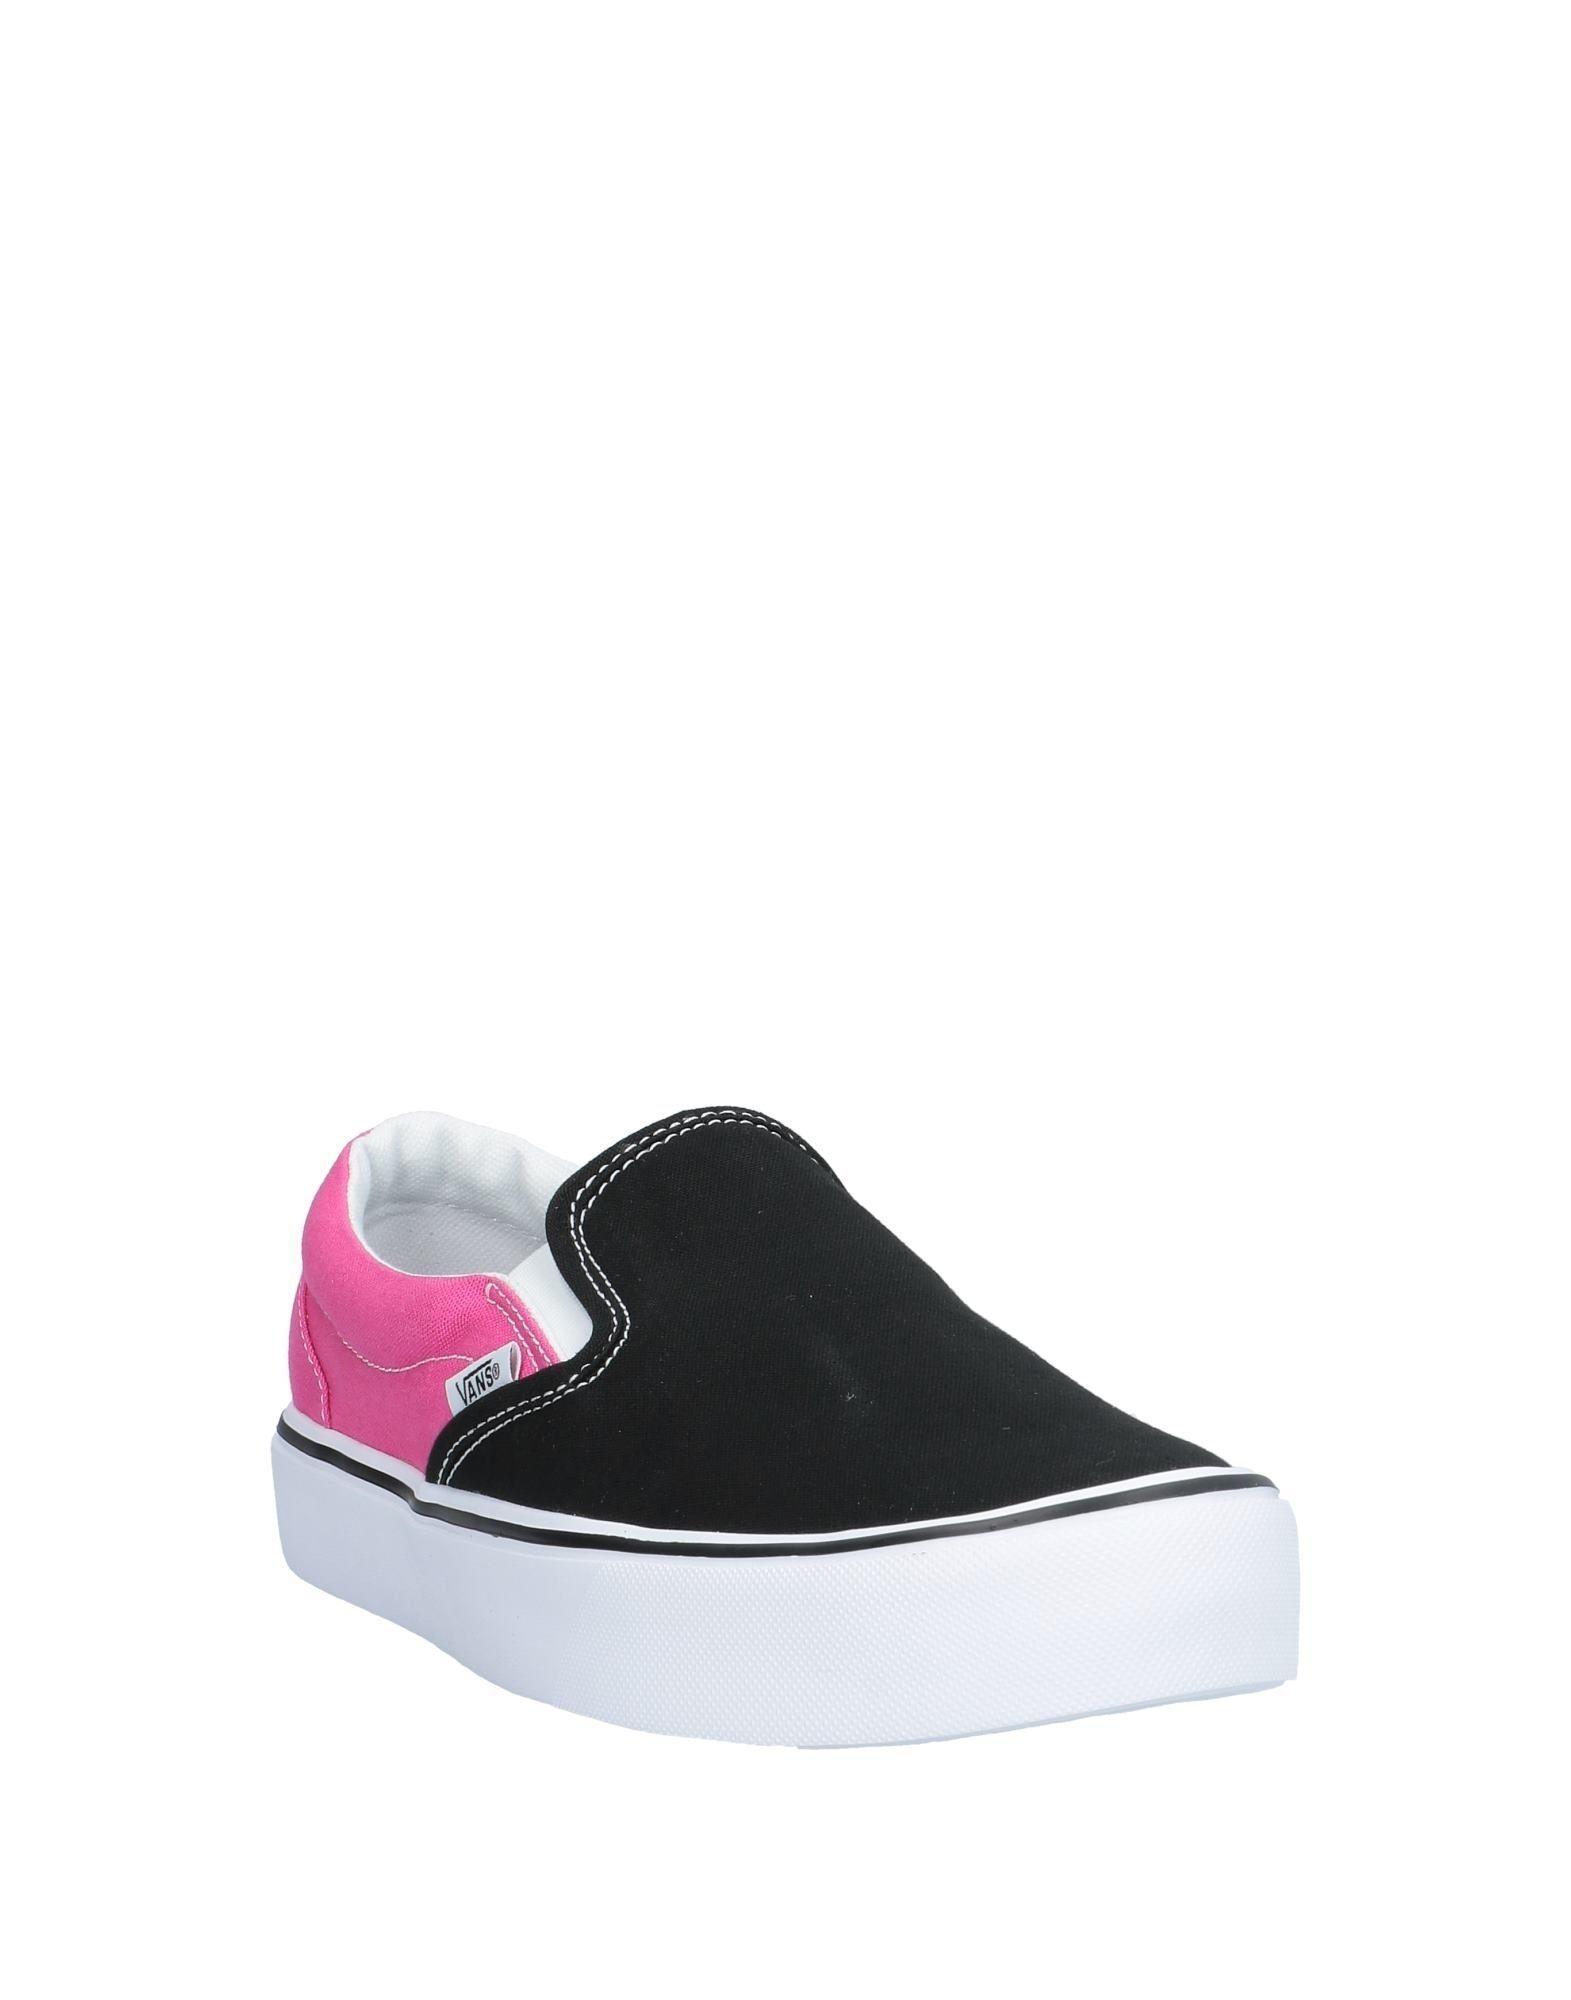 Sneakers & Tennis basses Vans pour homme en coloris Noir Dc3W